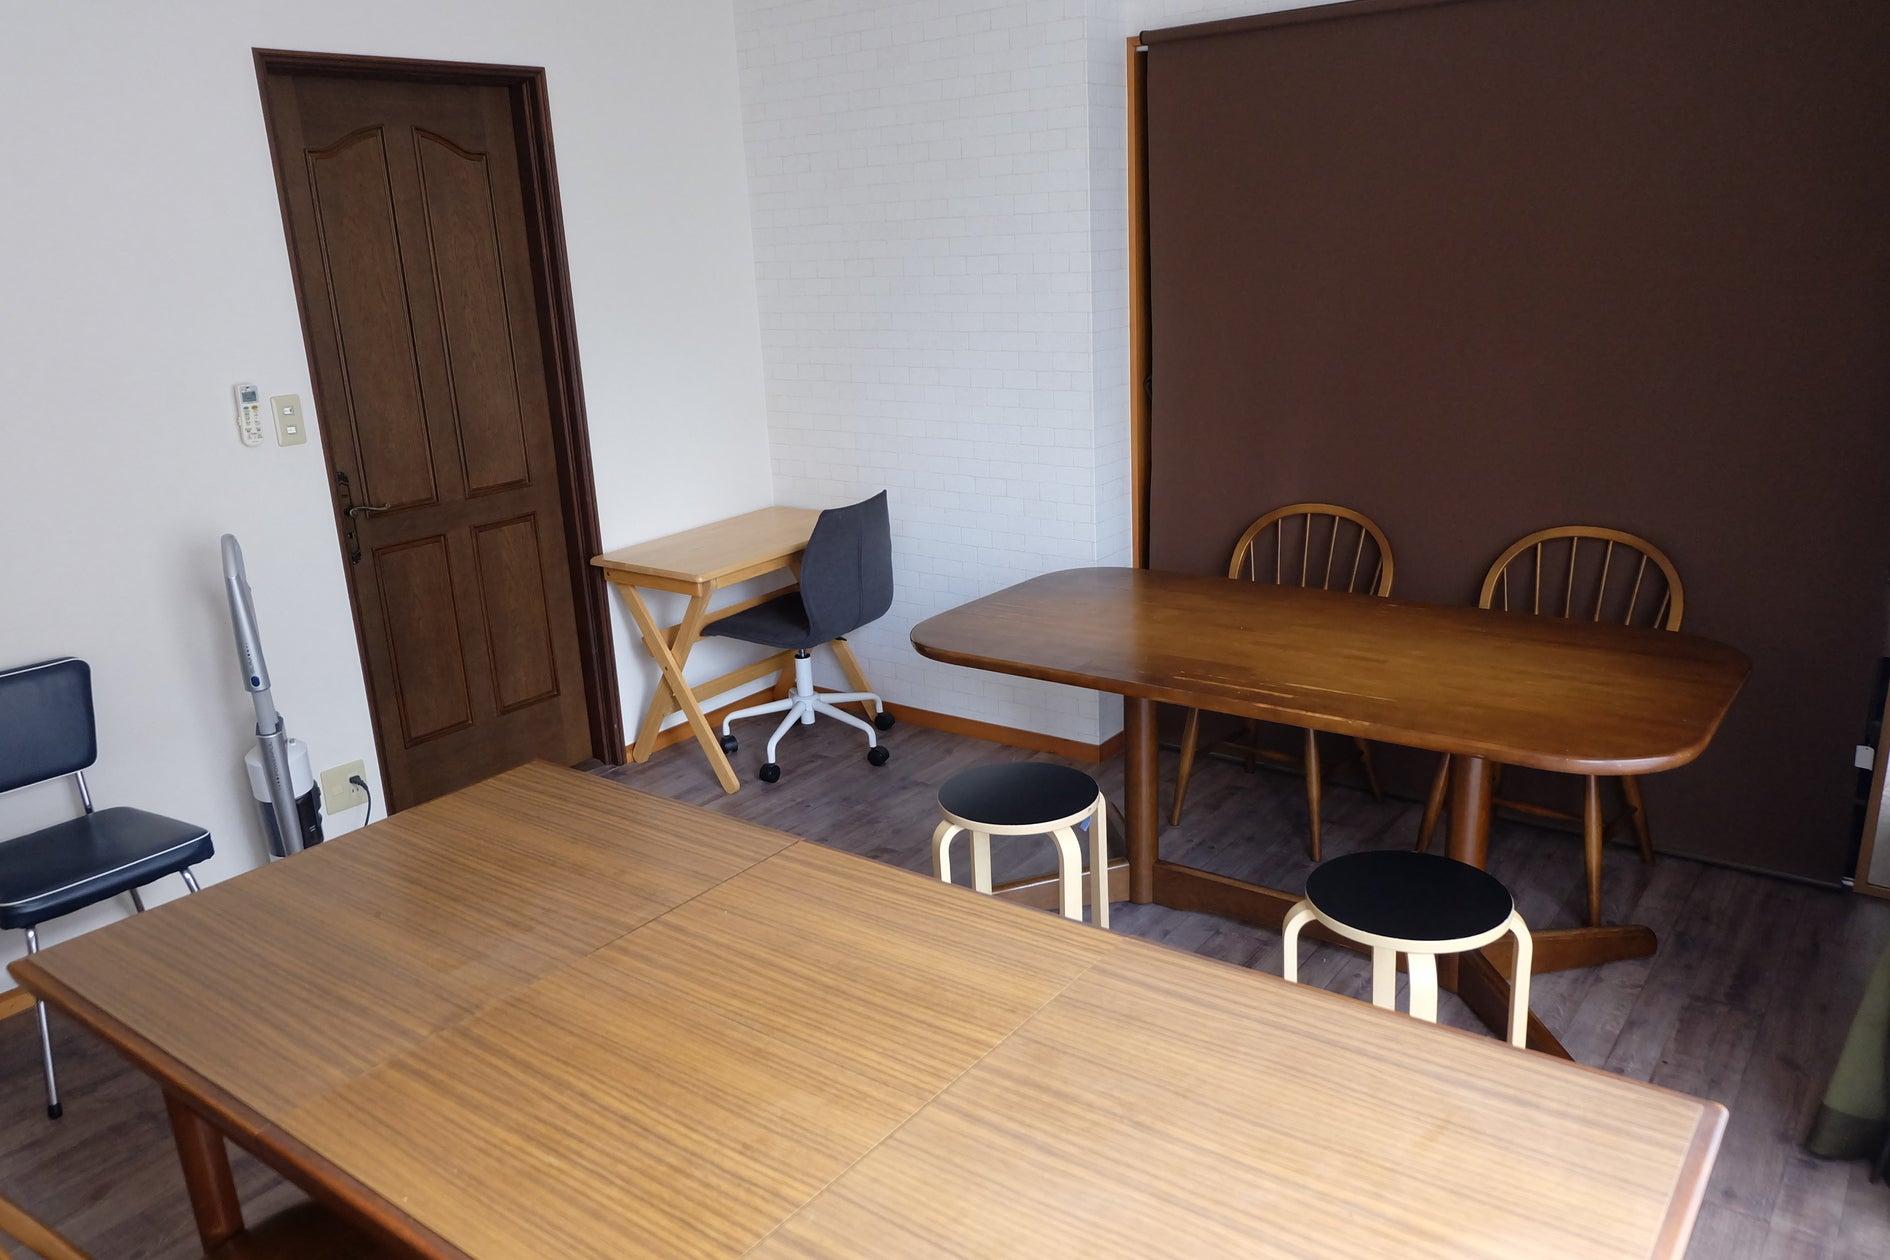 創作室(8畳)ハンドメイドやセッションにどうぞ♪ の写真